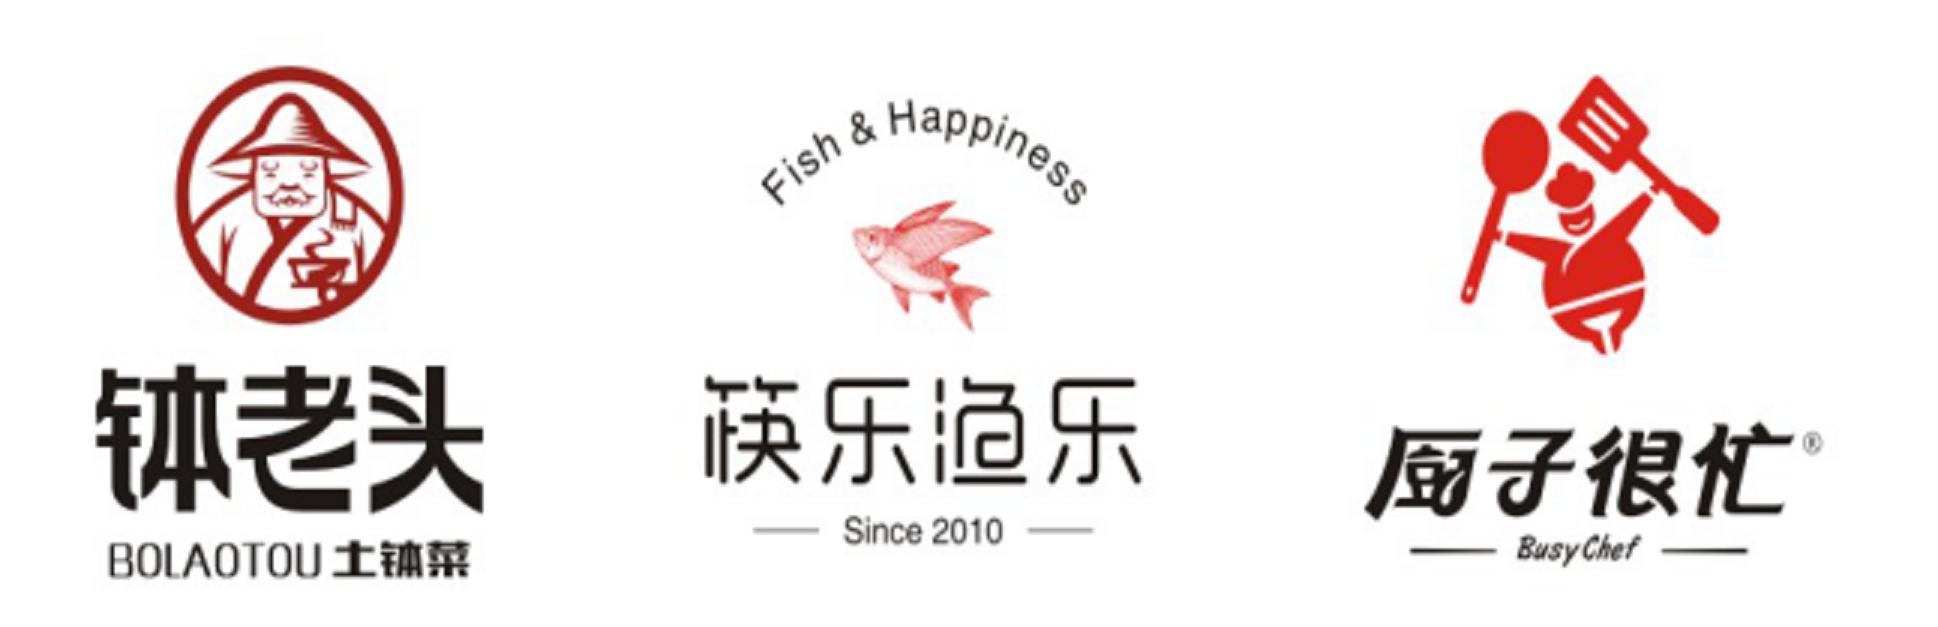 十大湘菜旺店加盟